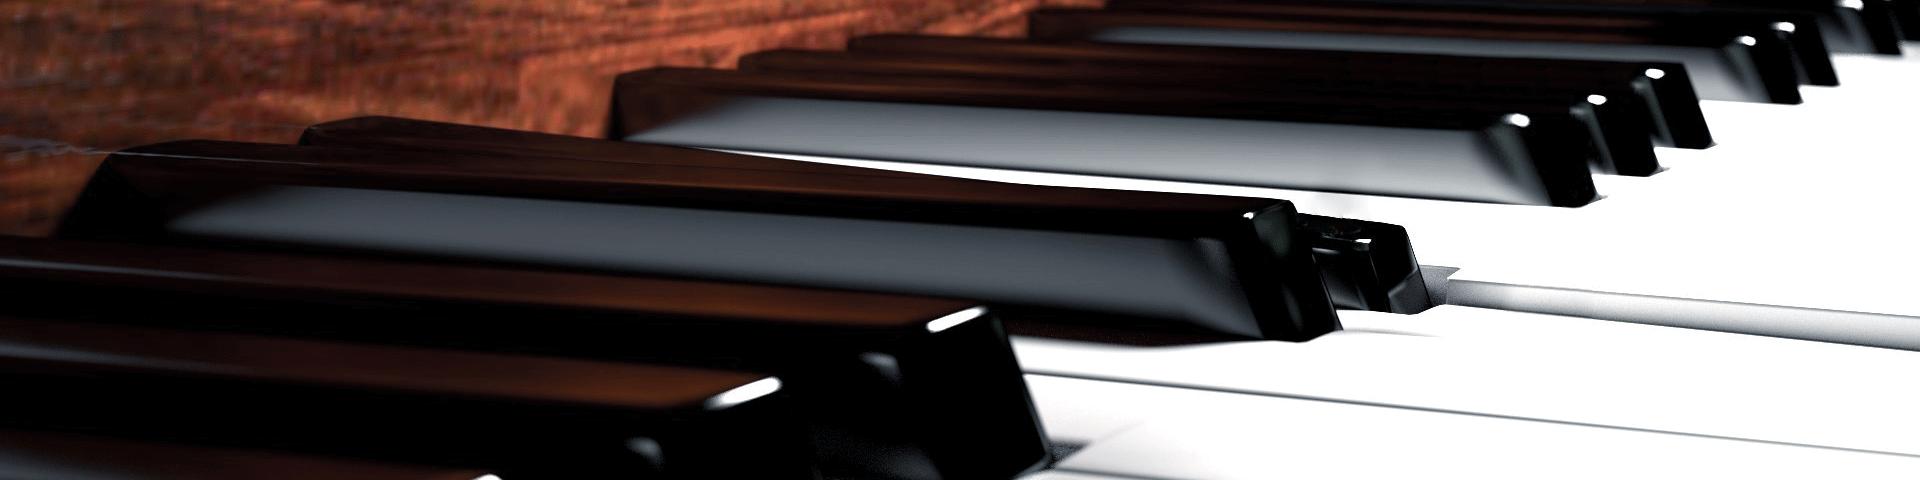 石家庄钢琴维修钢琴调律收费标准